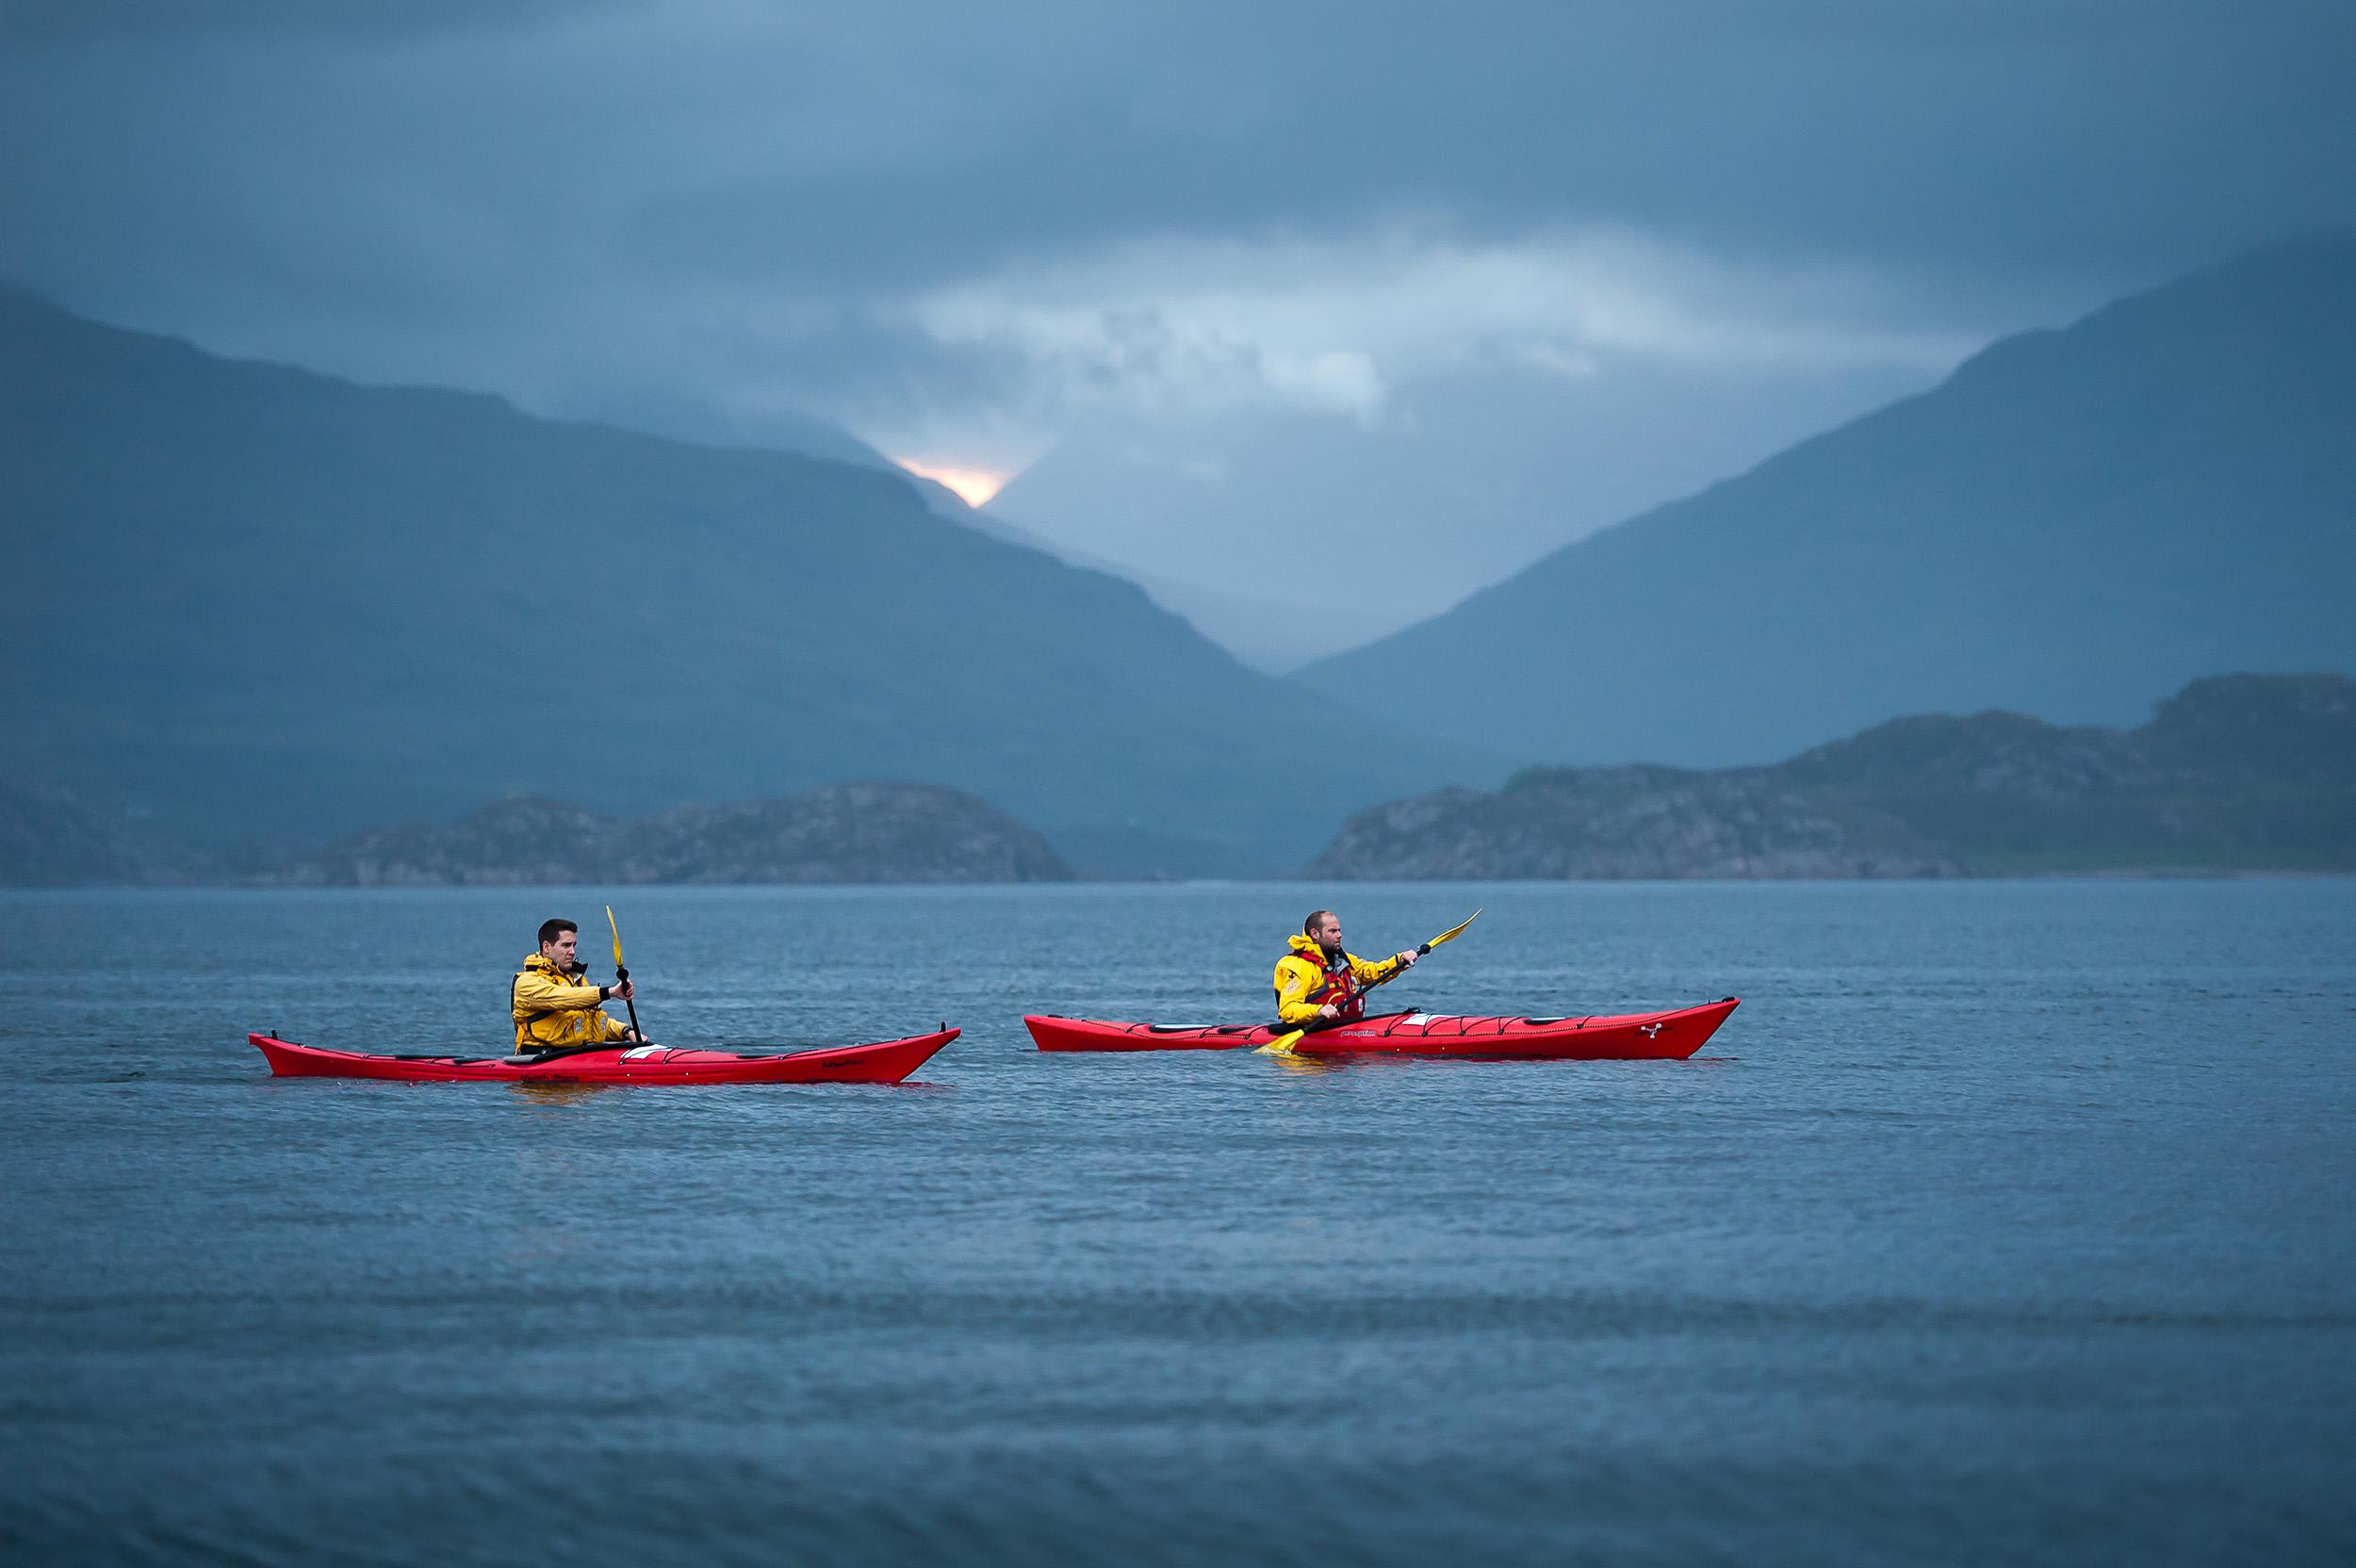 Sea kayaking - Scotland